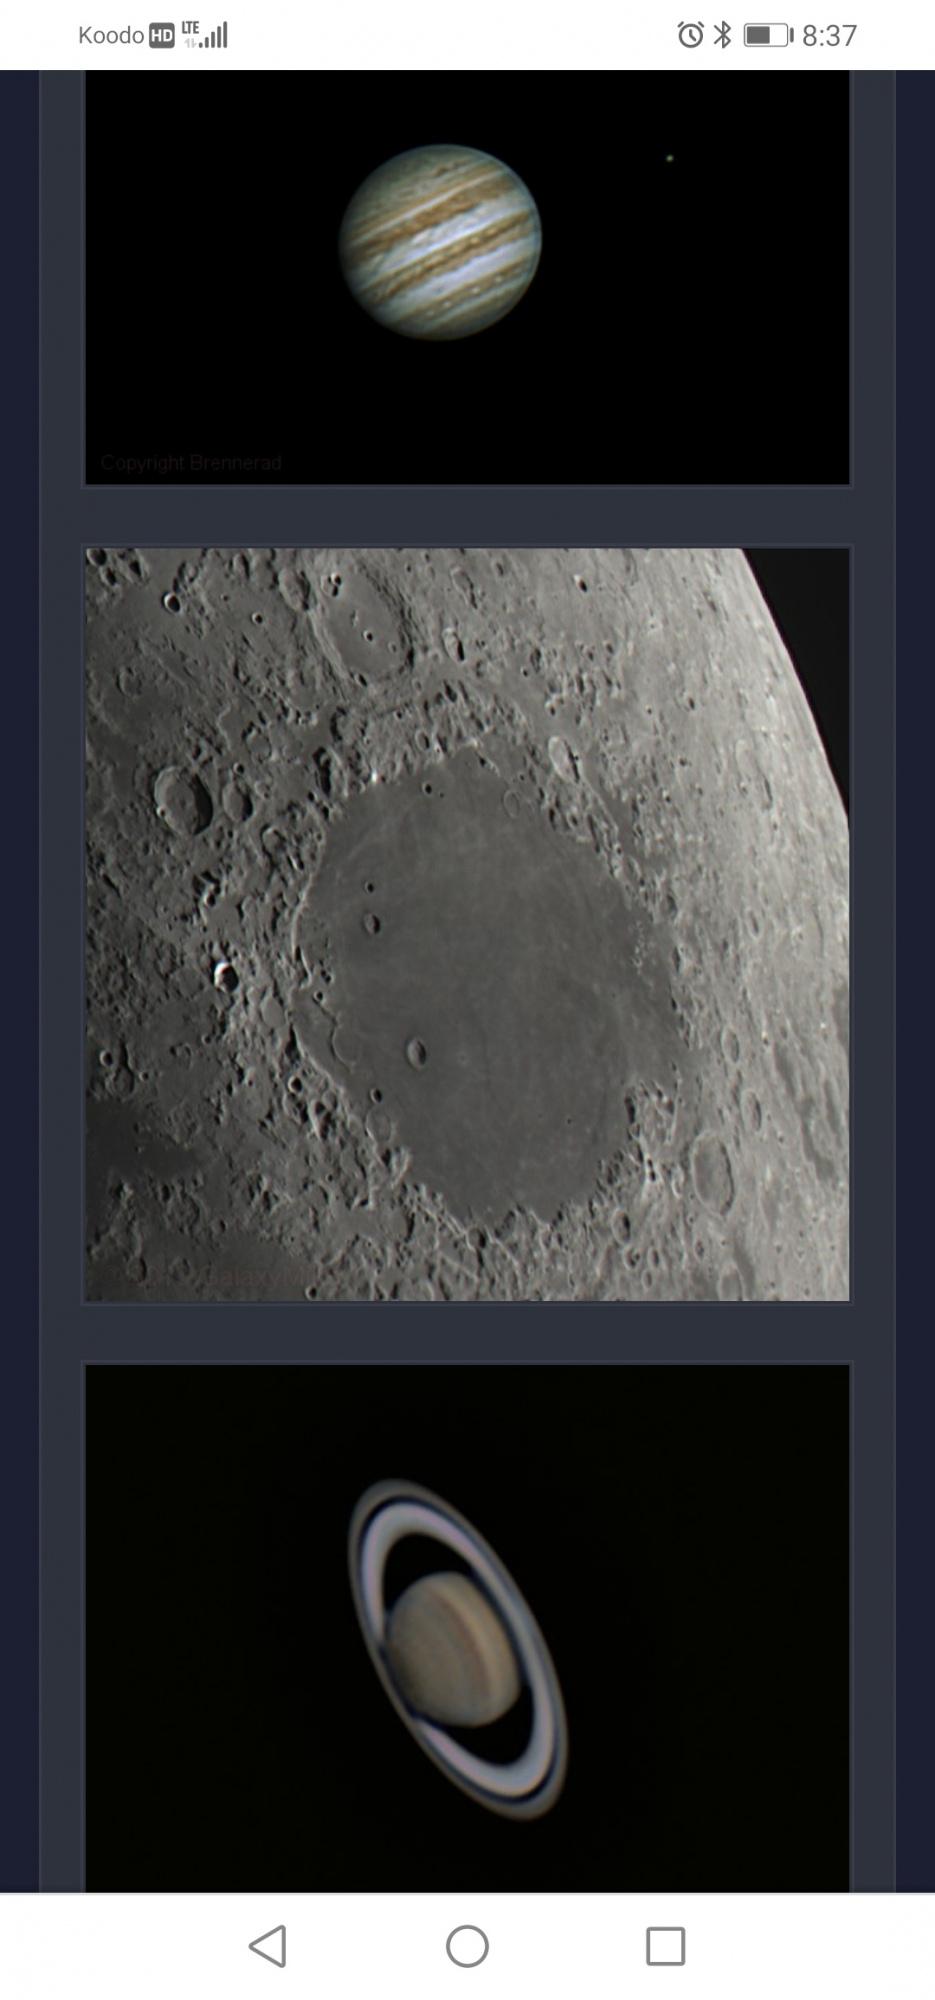 Screenshot_20210216_083759_com.android.chrome.thumb.jpg.129b1ffcac4cbf34507fd10bacfde558.jpg